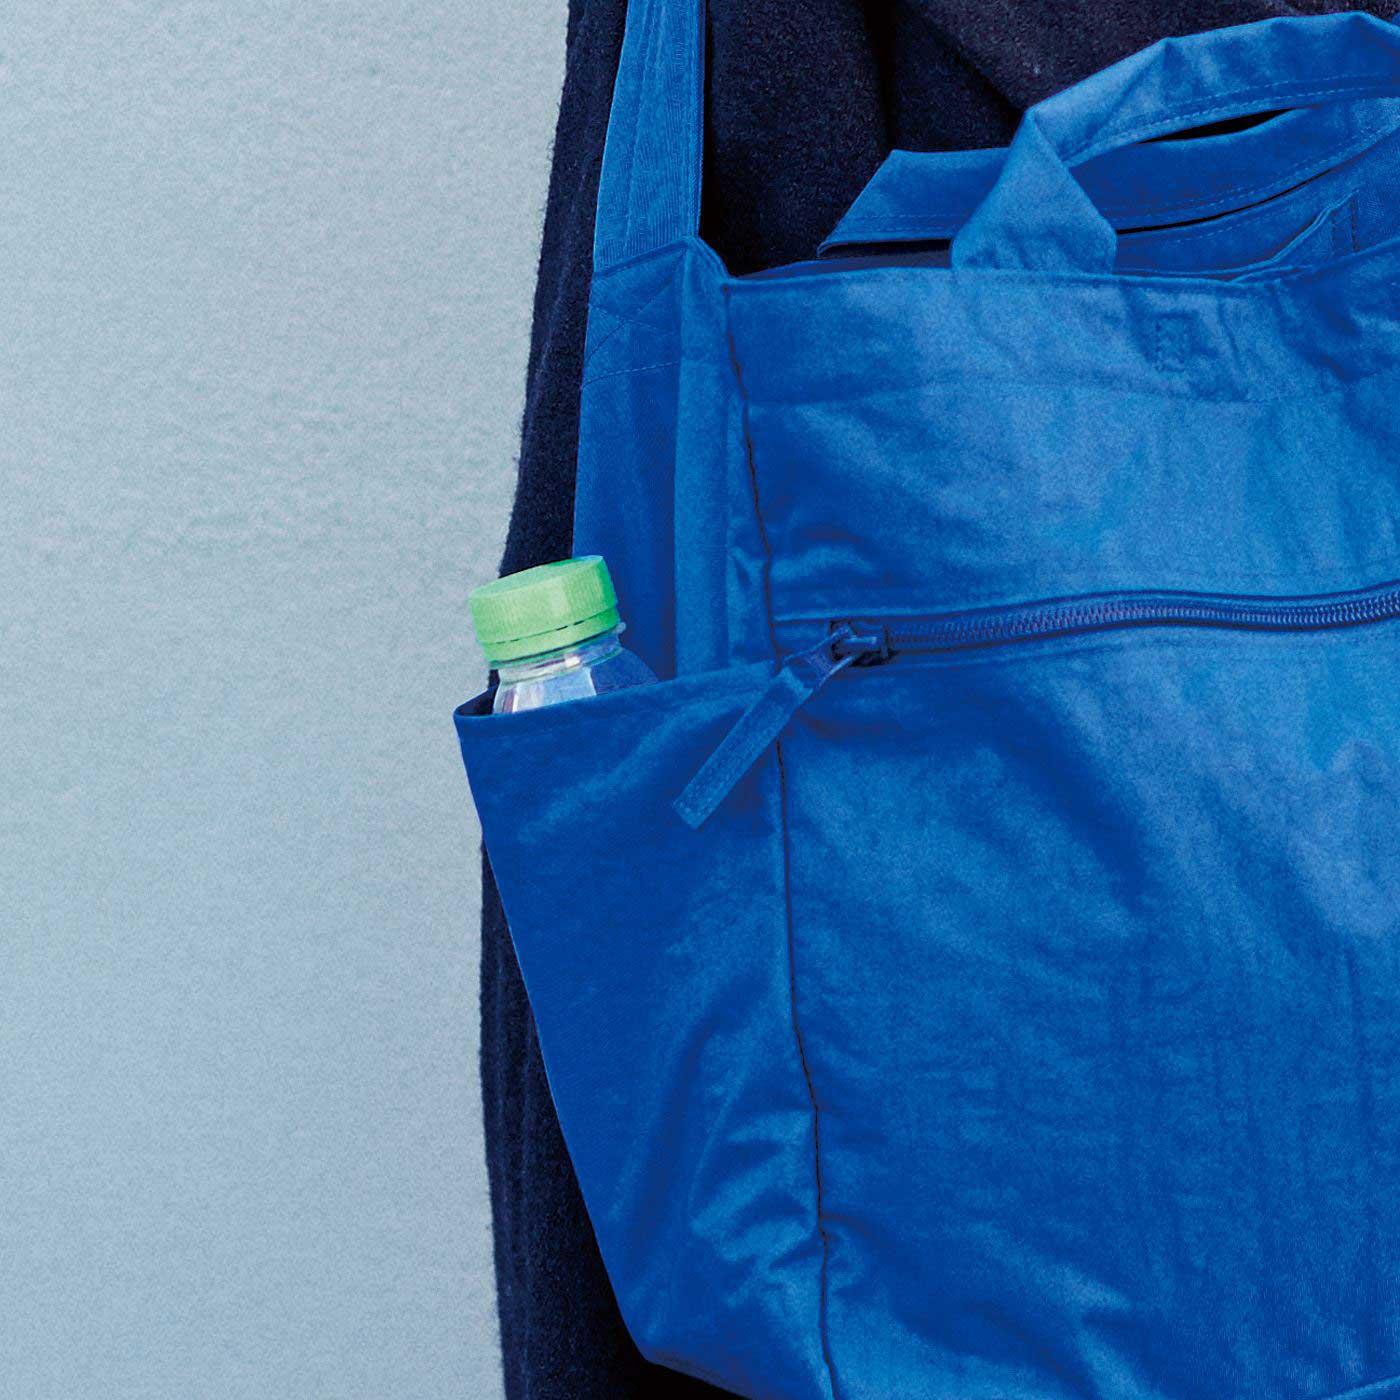 折りたたみ傘やペットボトルが入る便利なサイドポケットも。